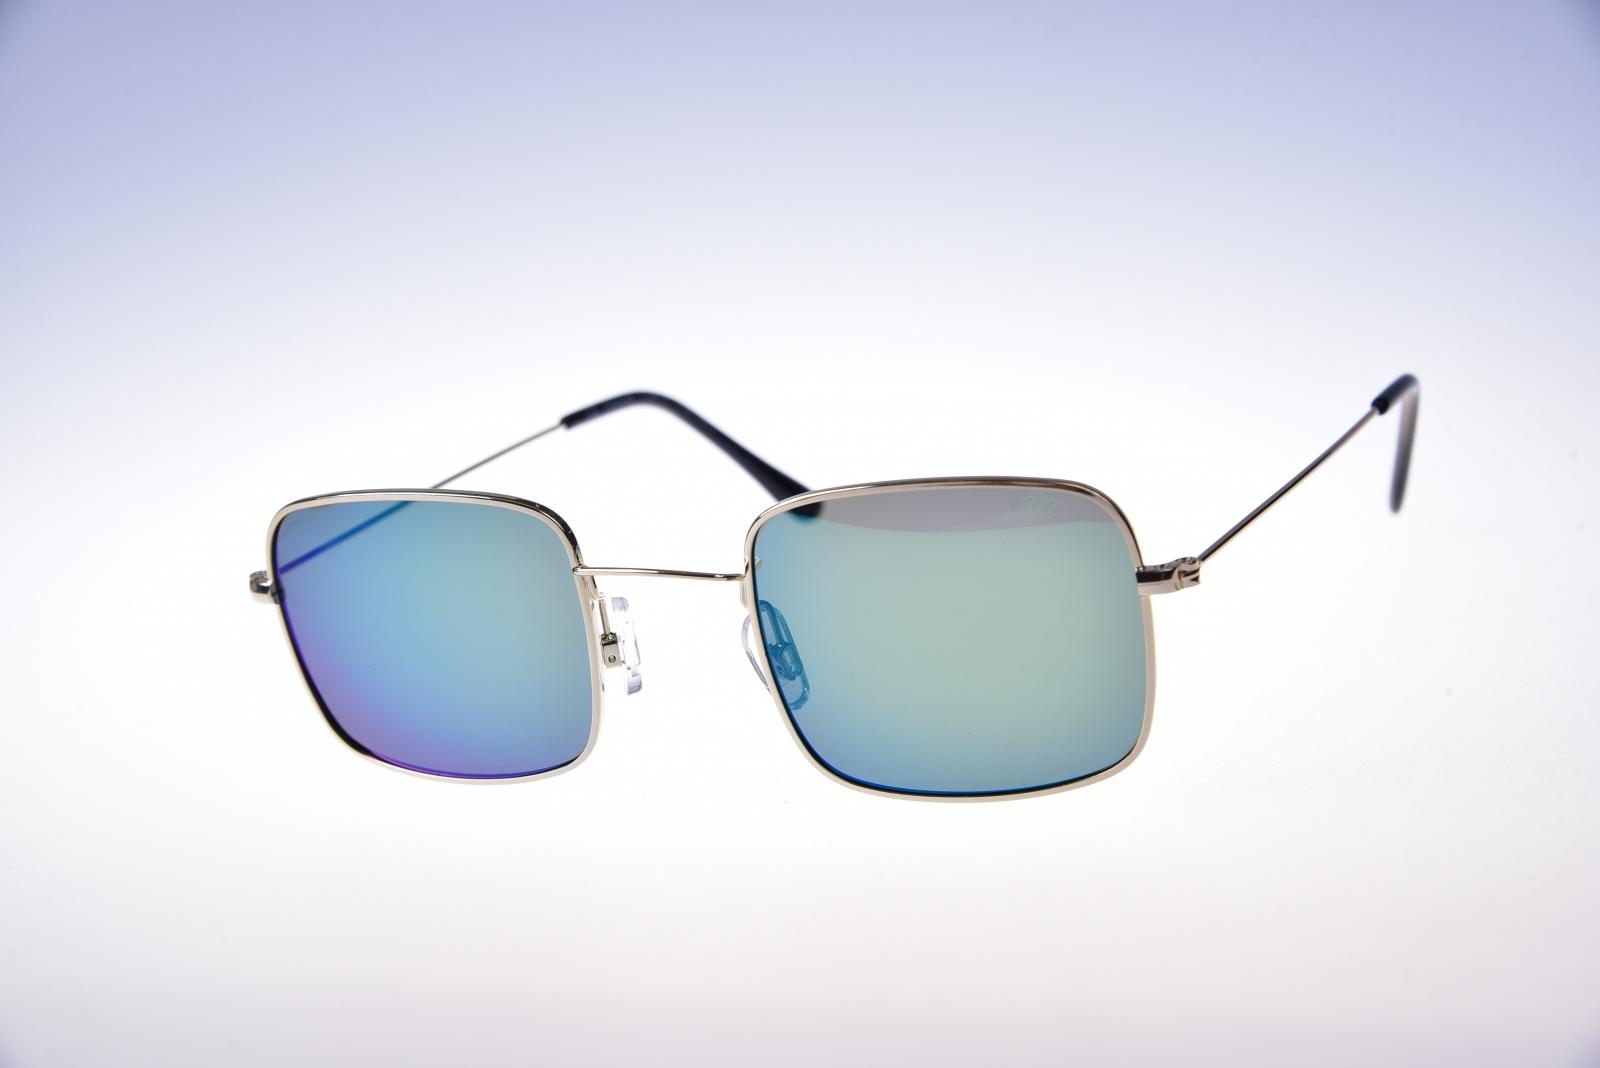 INVU. Trend T1907A - Pánske slnečné okuliare